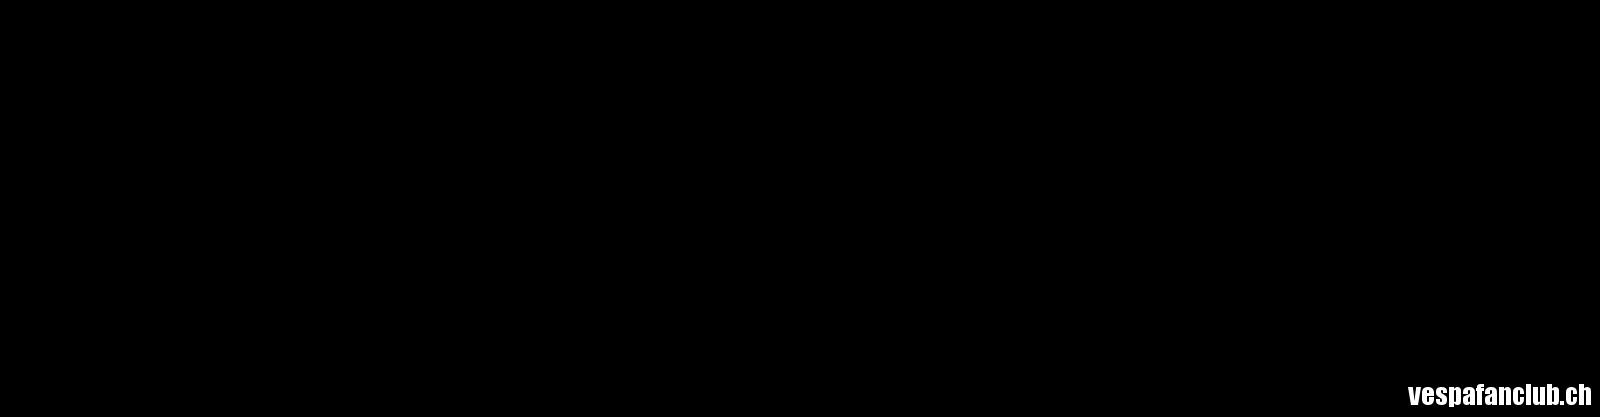 Vespa Fan Club Logo o.Adr. schwarz